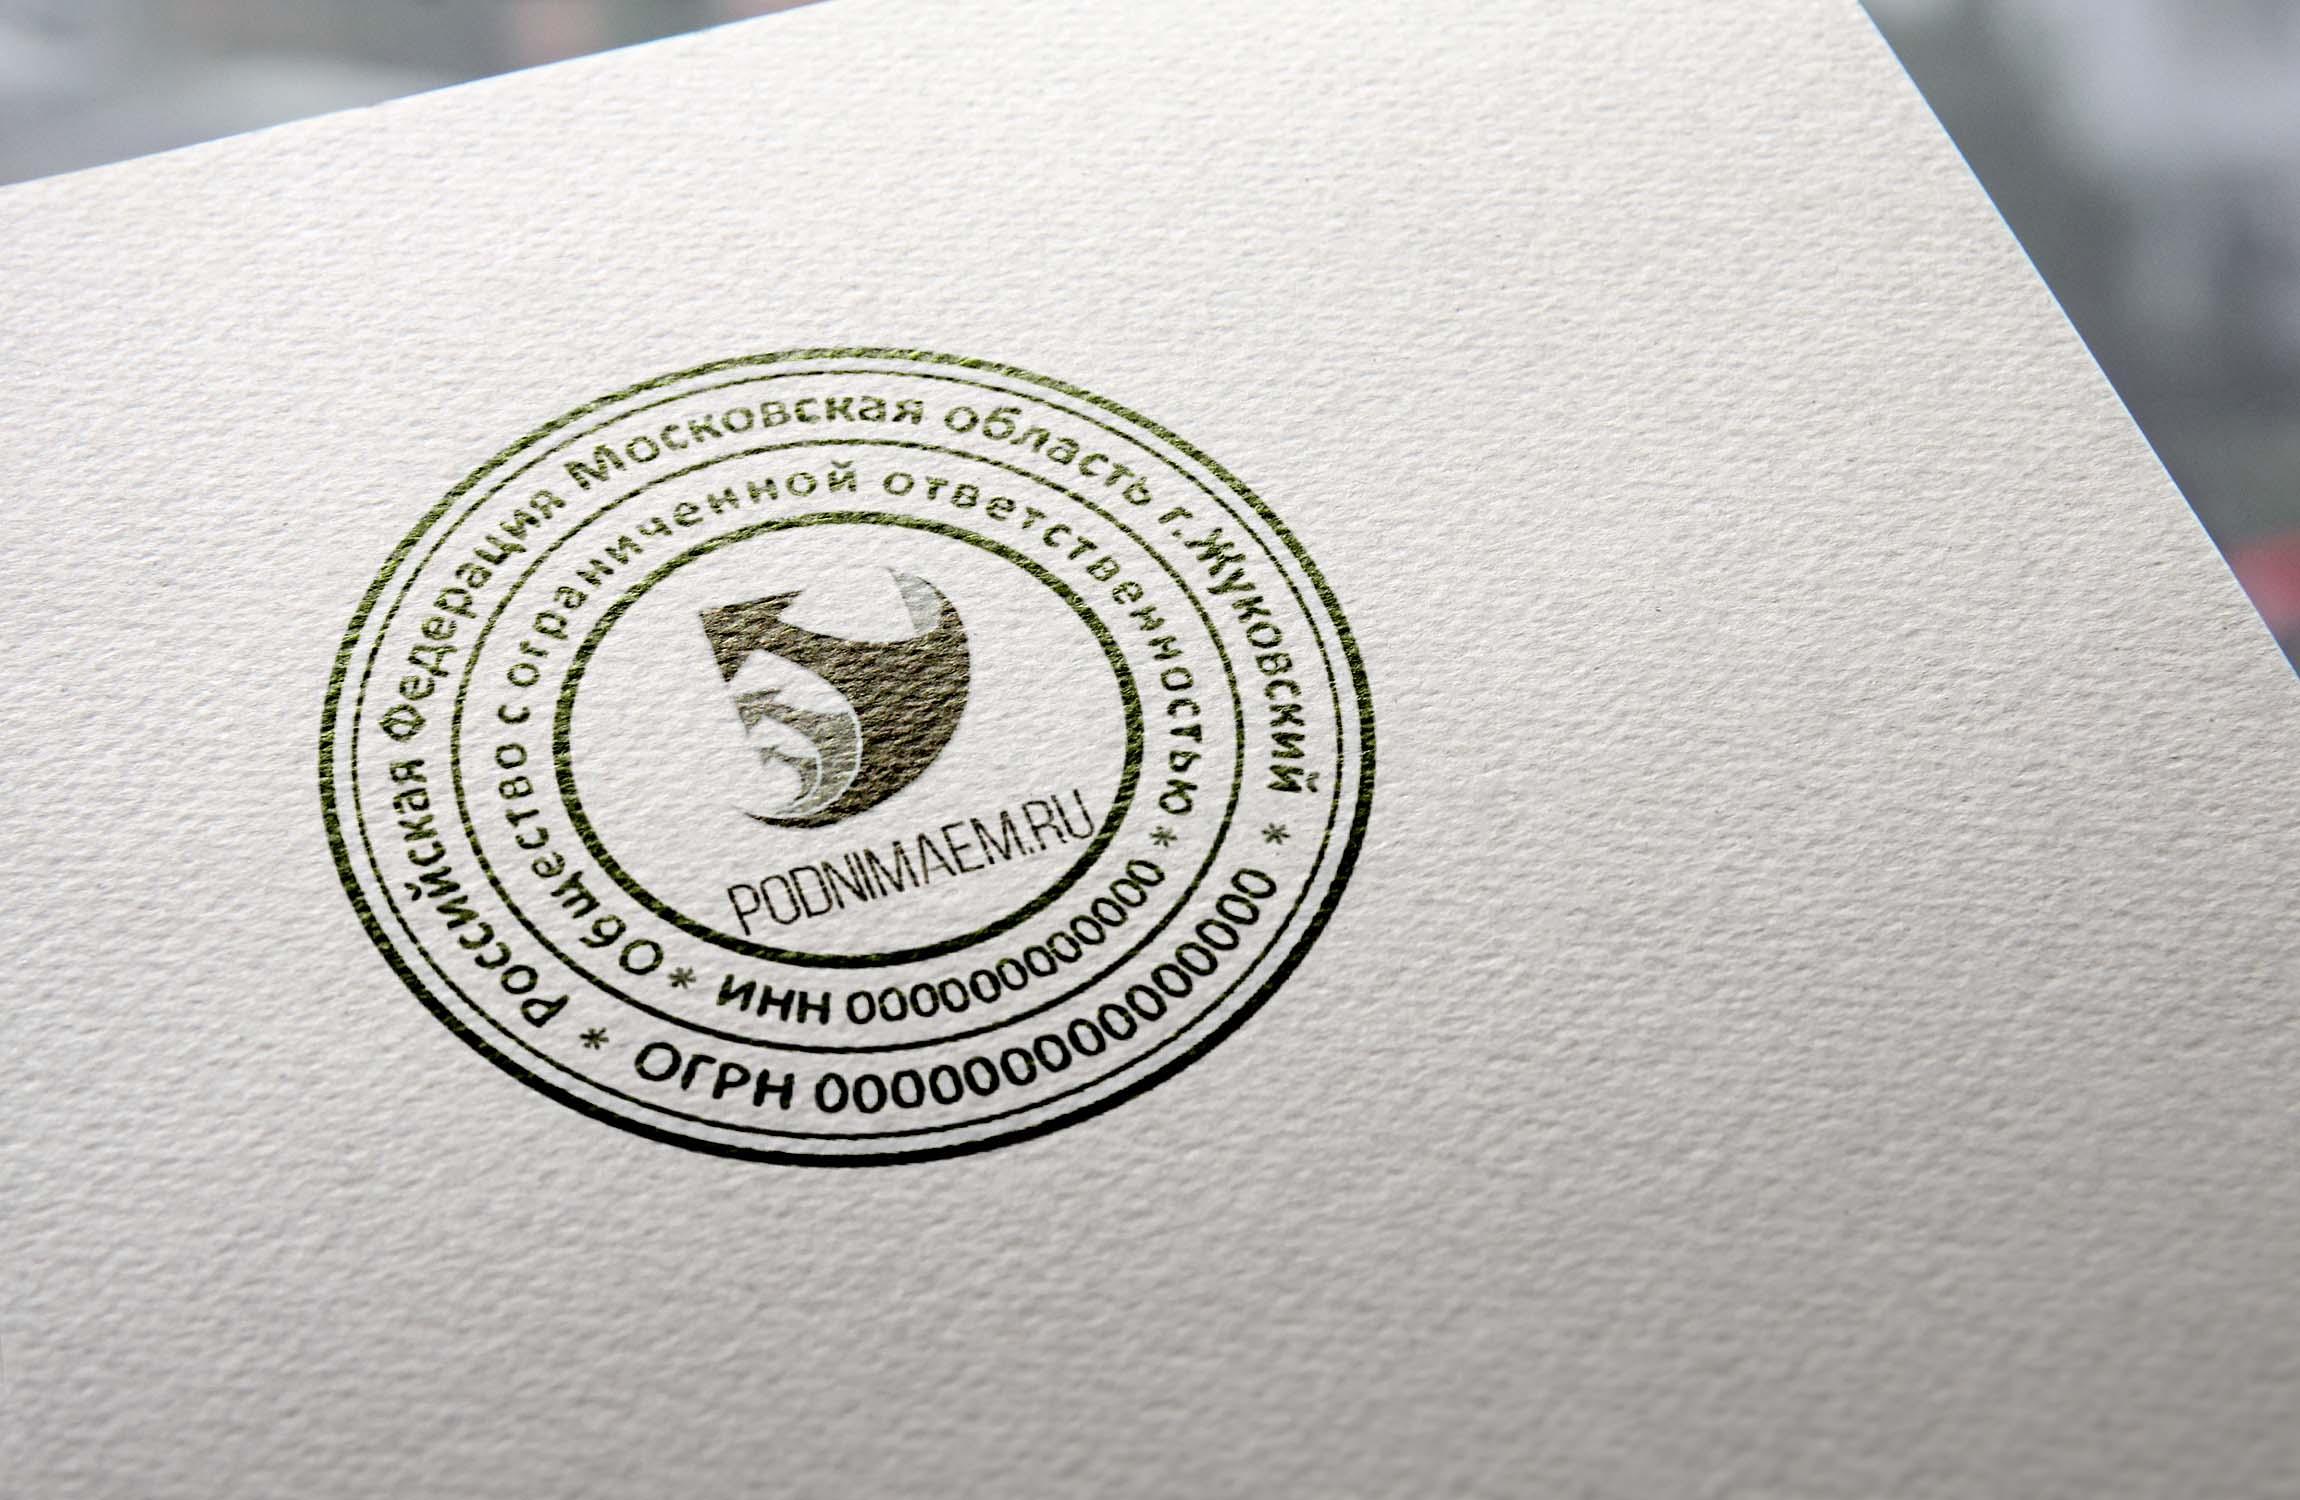 Разработать логотип + визитку + логотип для печати ООО +++ фото f_6475546ad1ceabeb.jpg